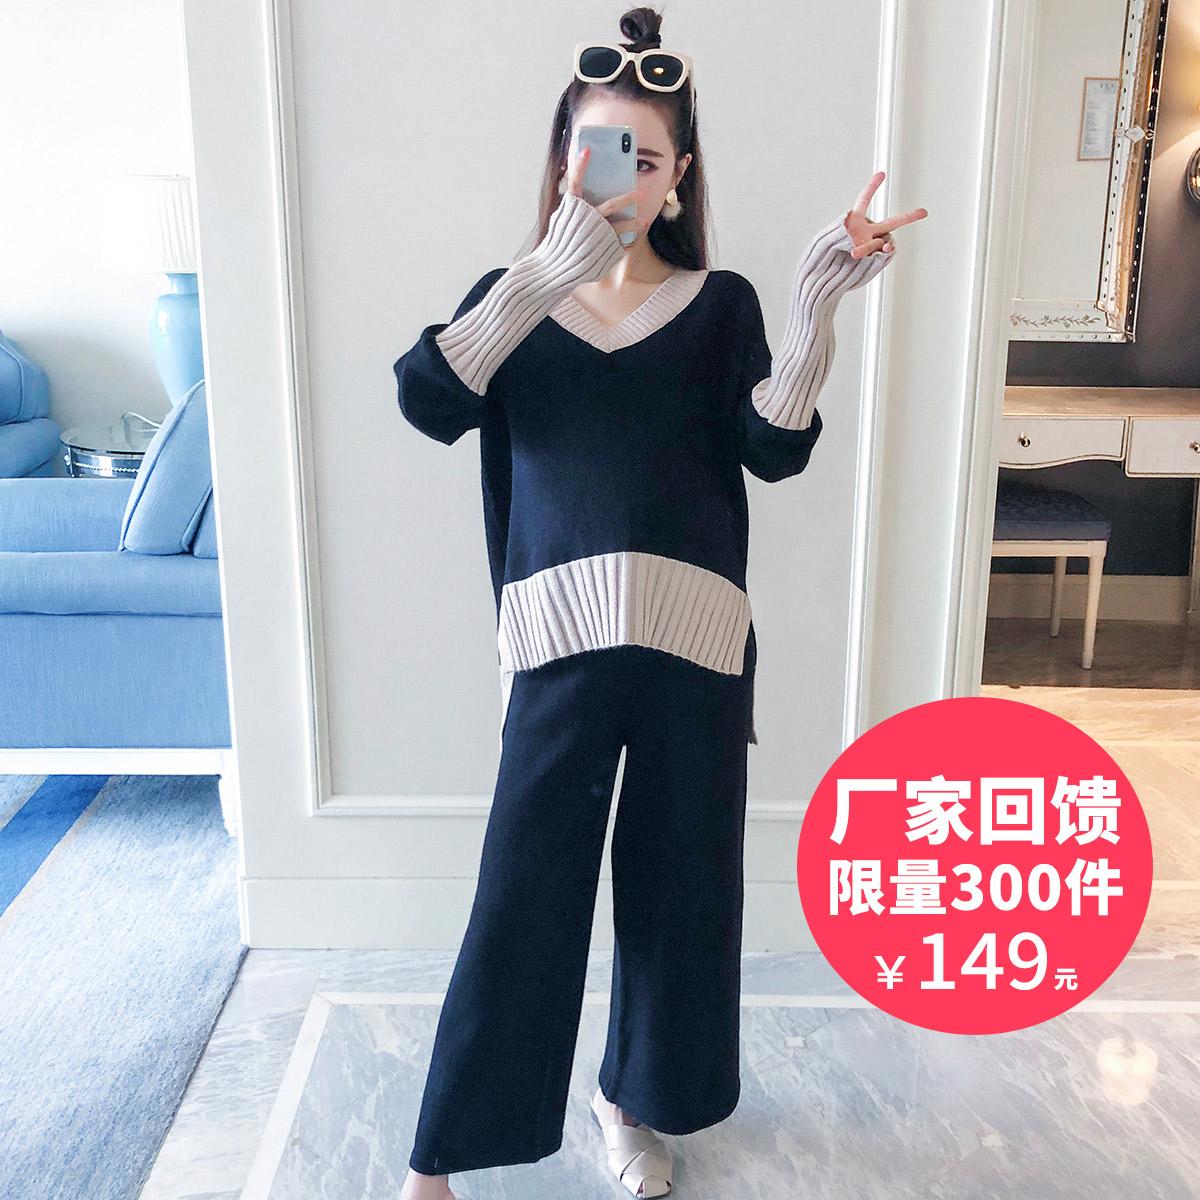 孕妇套装秋季新款时尚长袖长裤拼色V领潮韩版外出休闲毛衣两件套